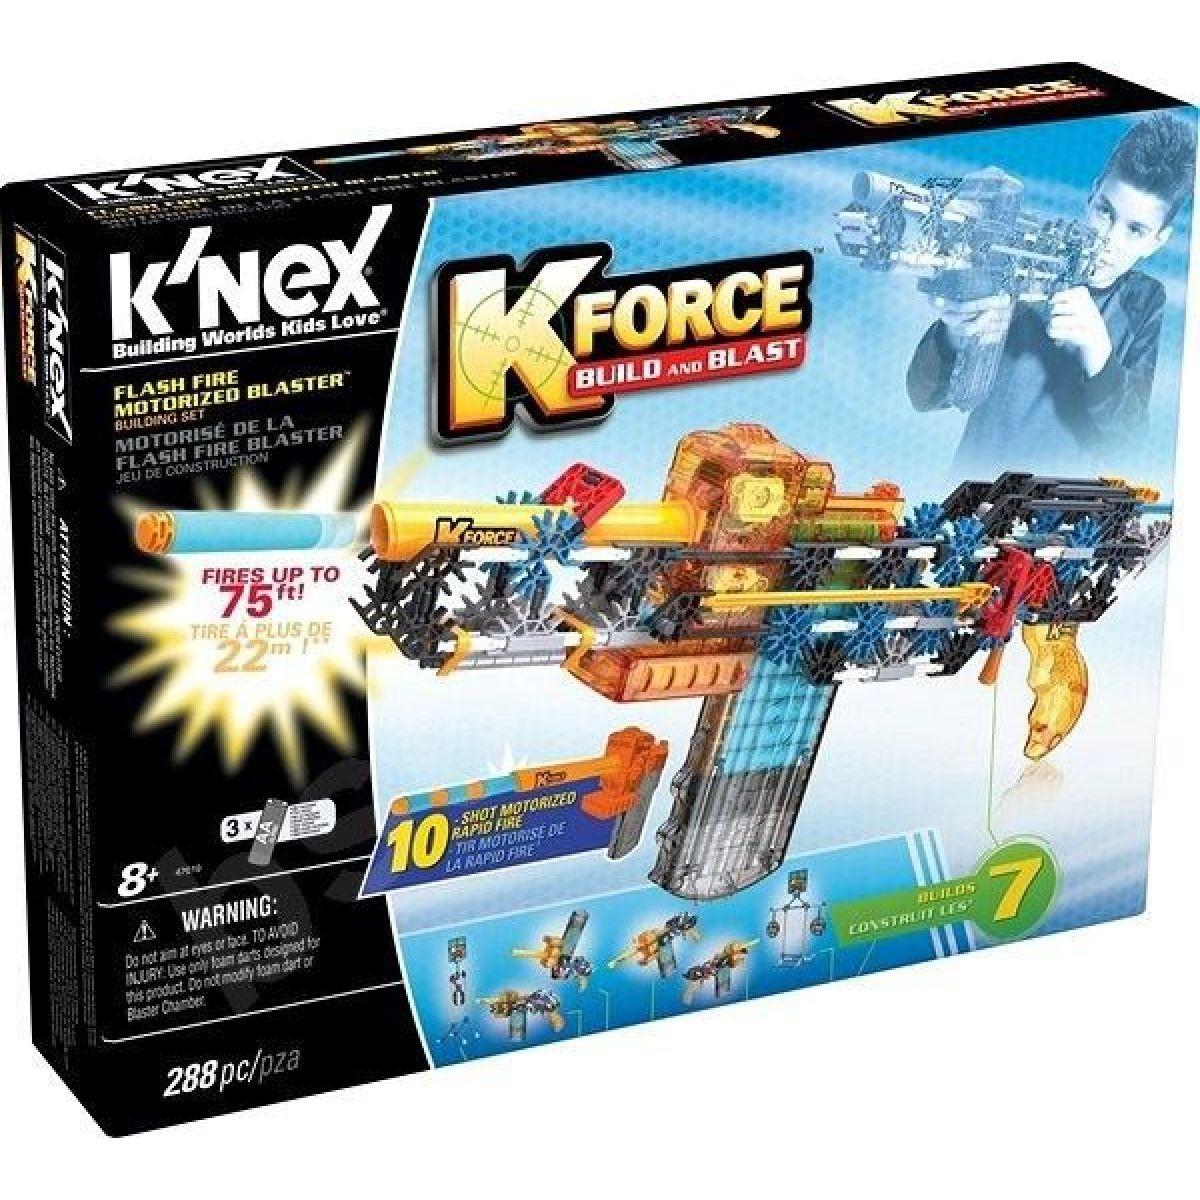 KNex Flash Fire Blaster